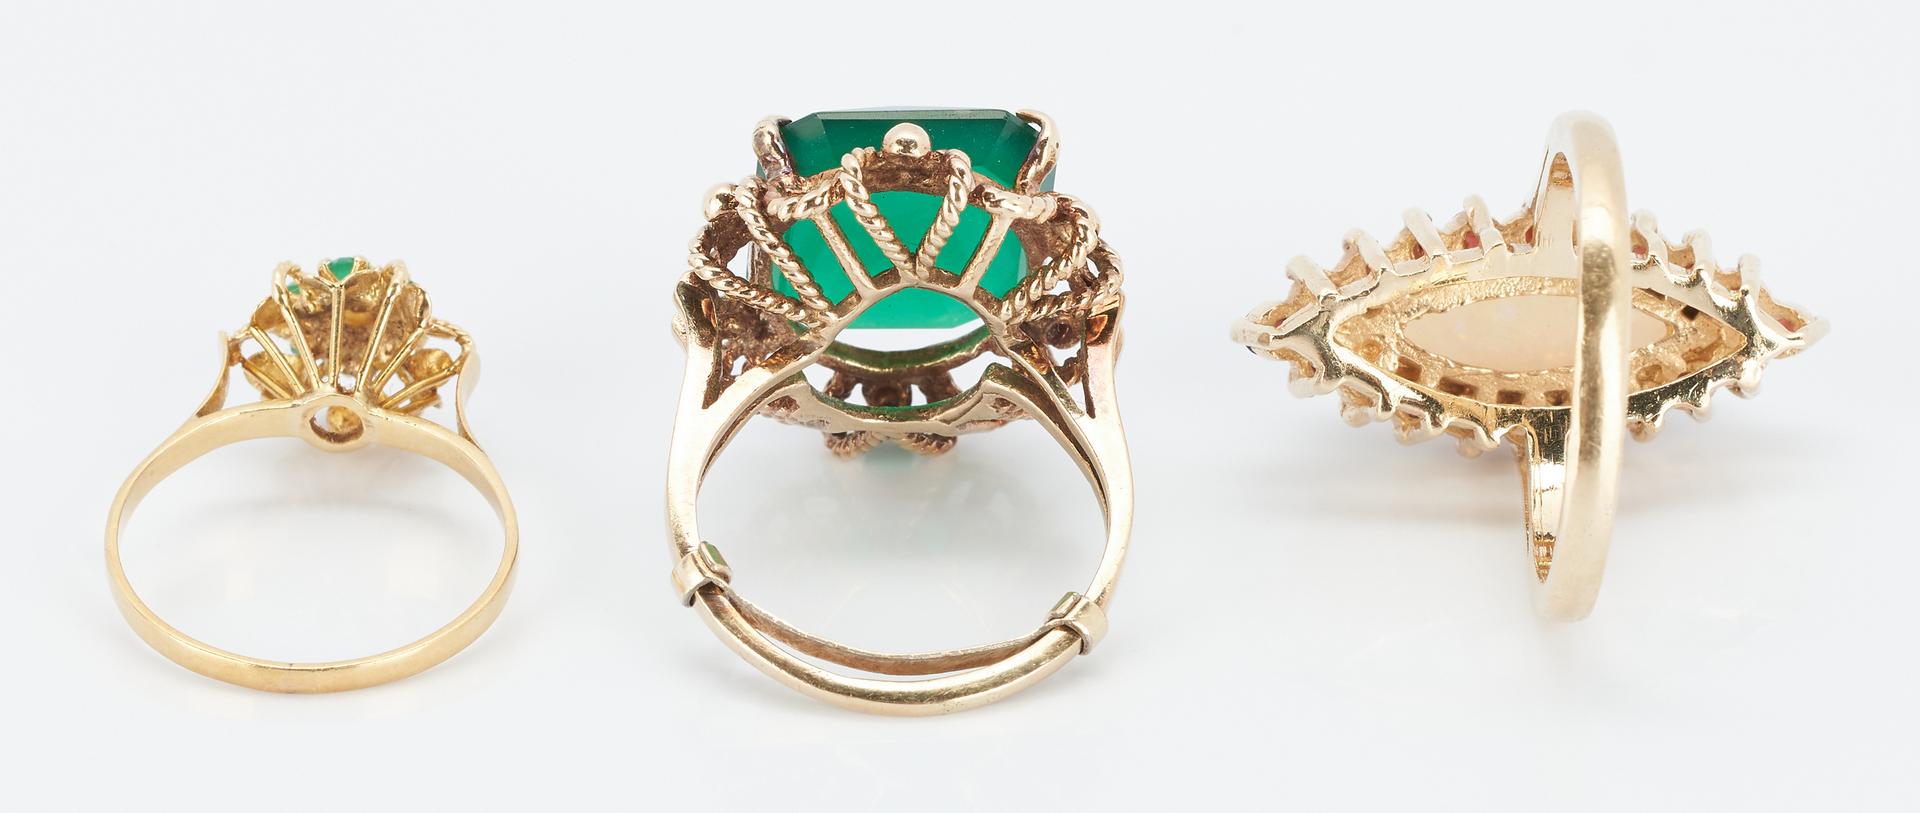 Lot 852: 5 Ladies Yellow Gold & Gemstone Rings